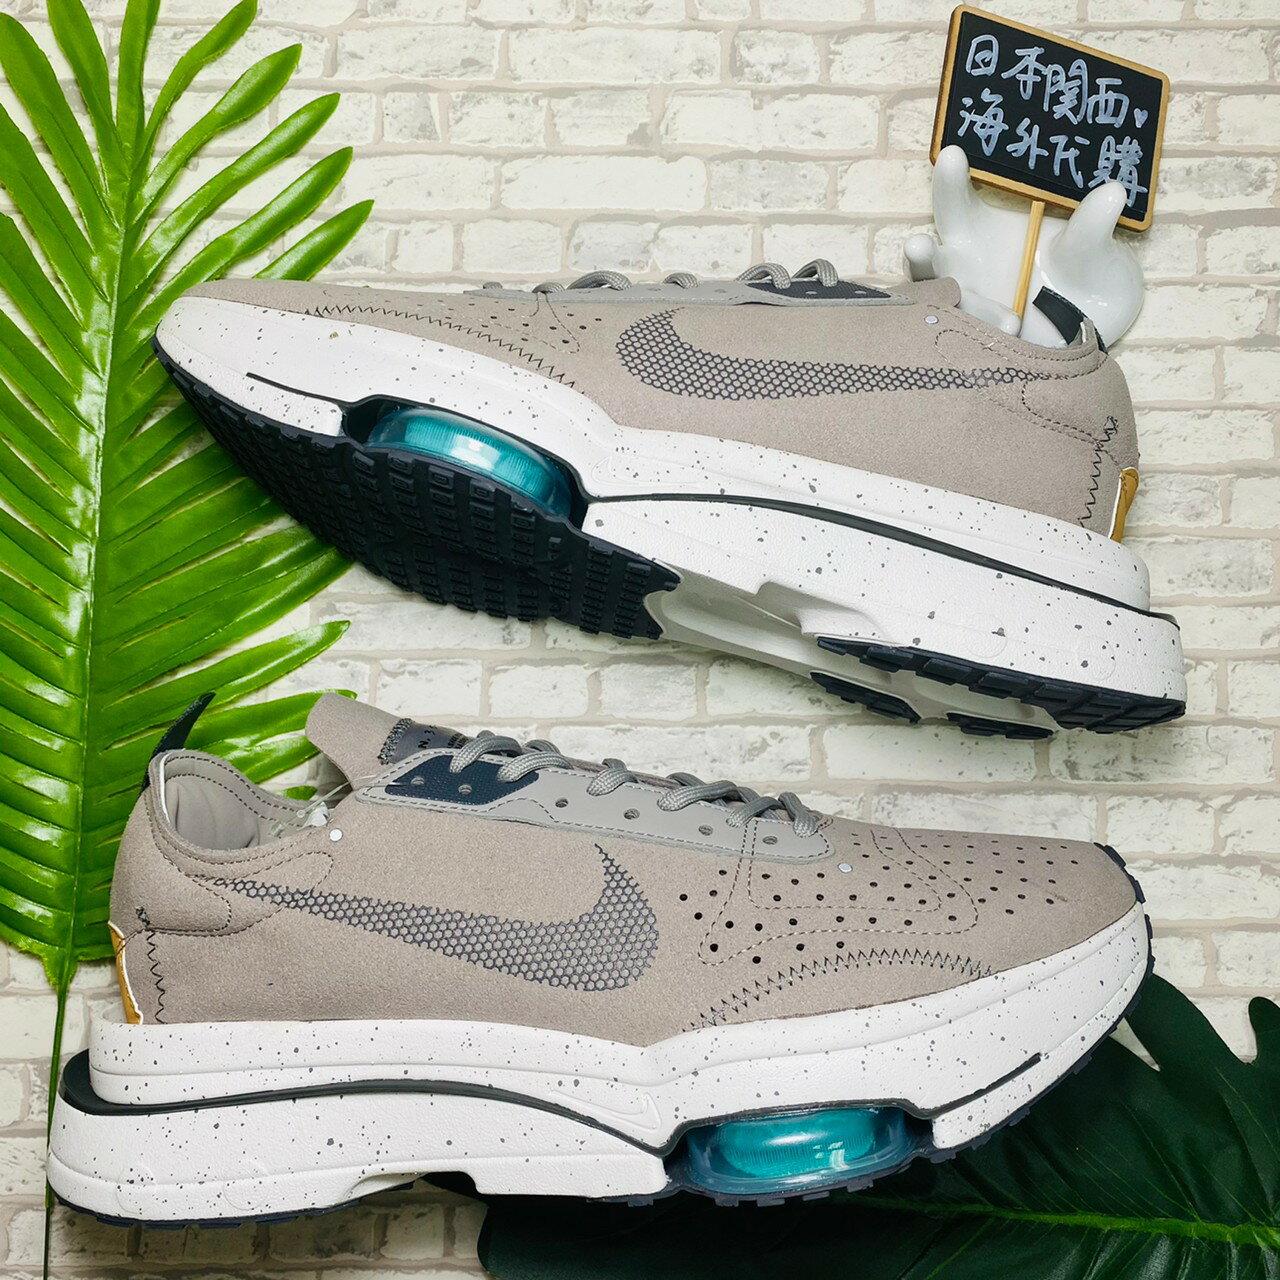 【日本海外代購】NIKE AIR ZOOM-TYPE N.354 灰色 潑墨綠 馬拉松 慢跑鞋 CJ2033-002